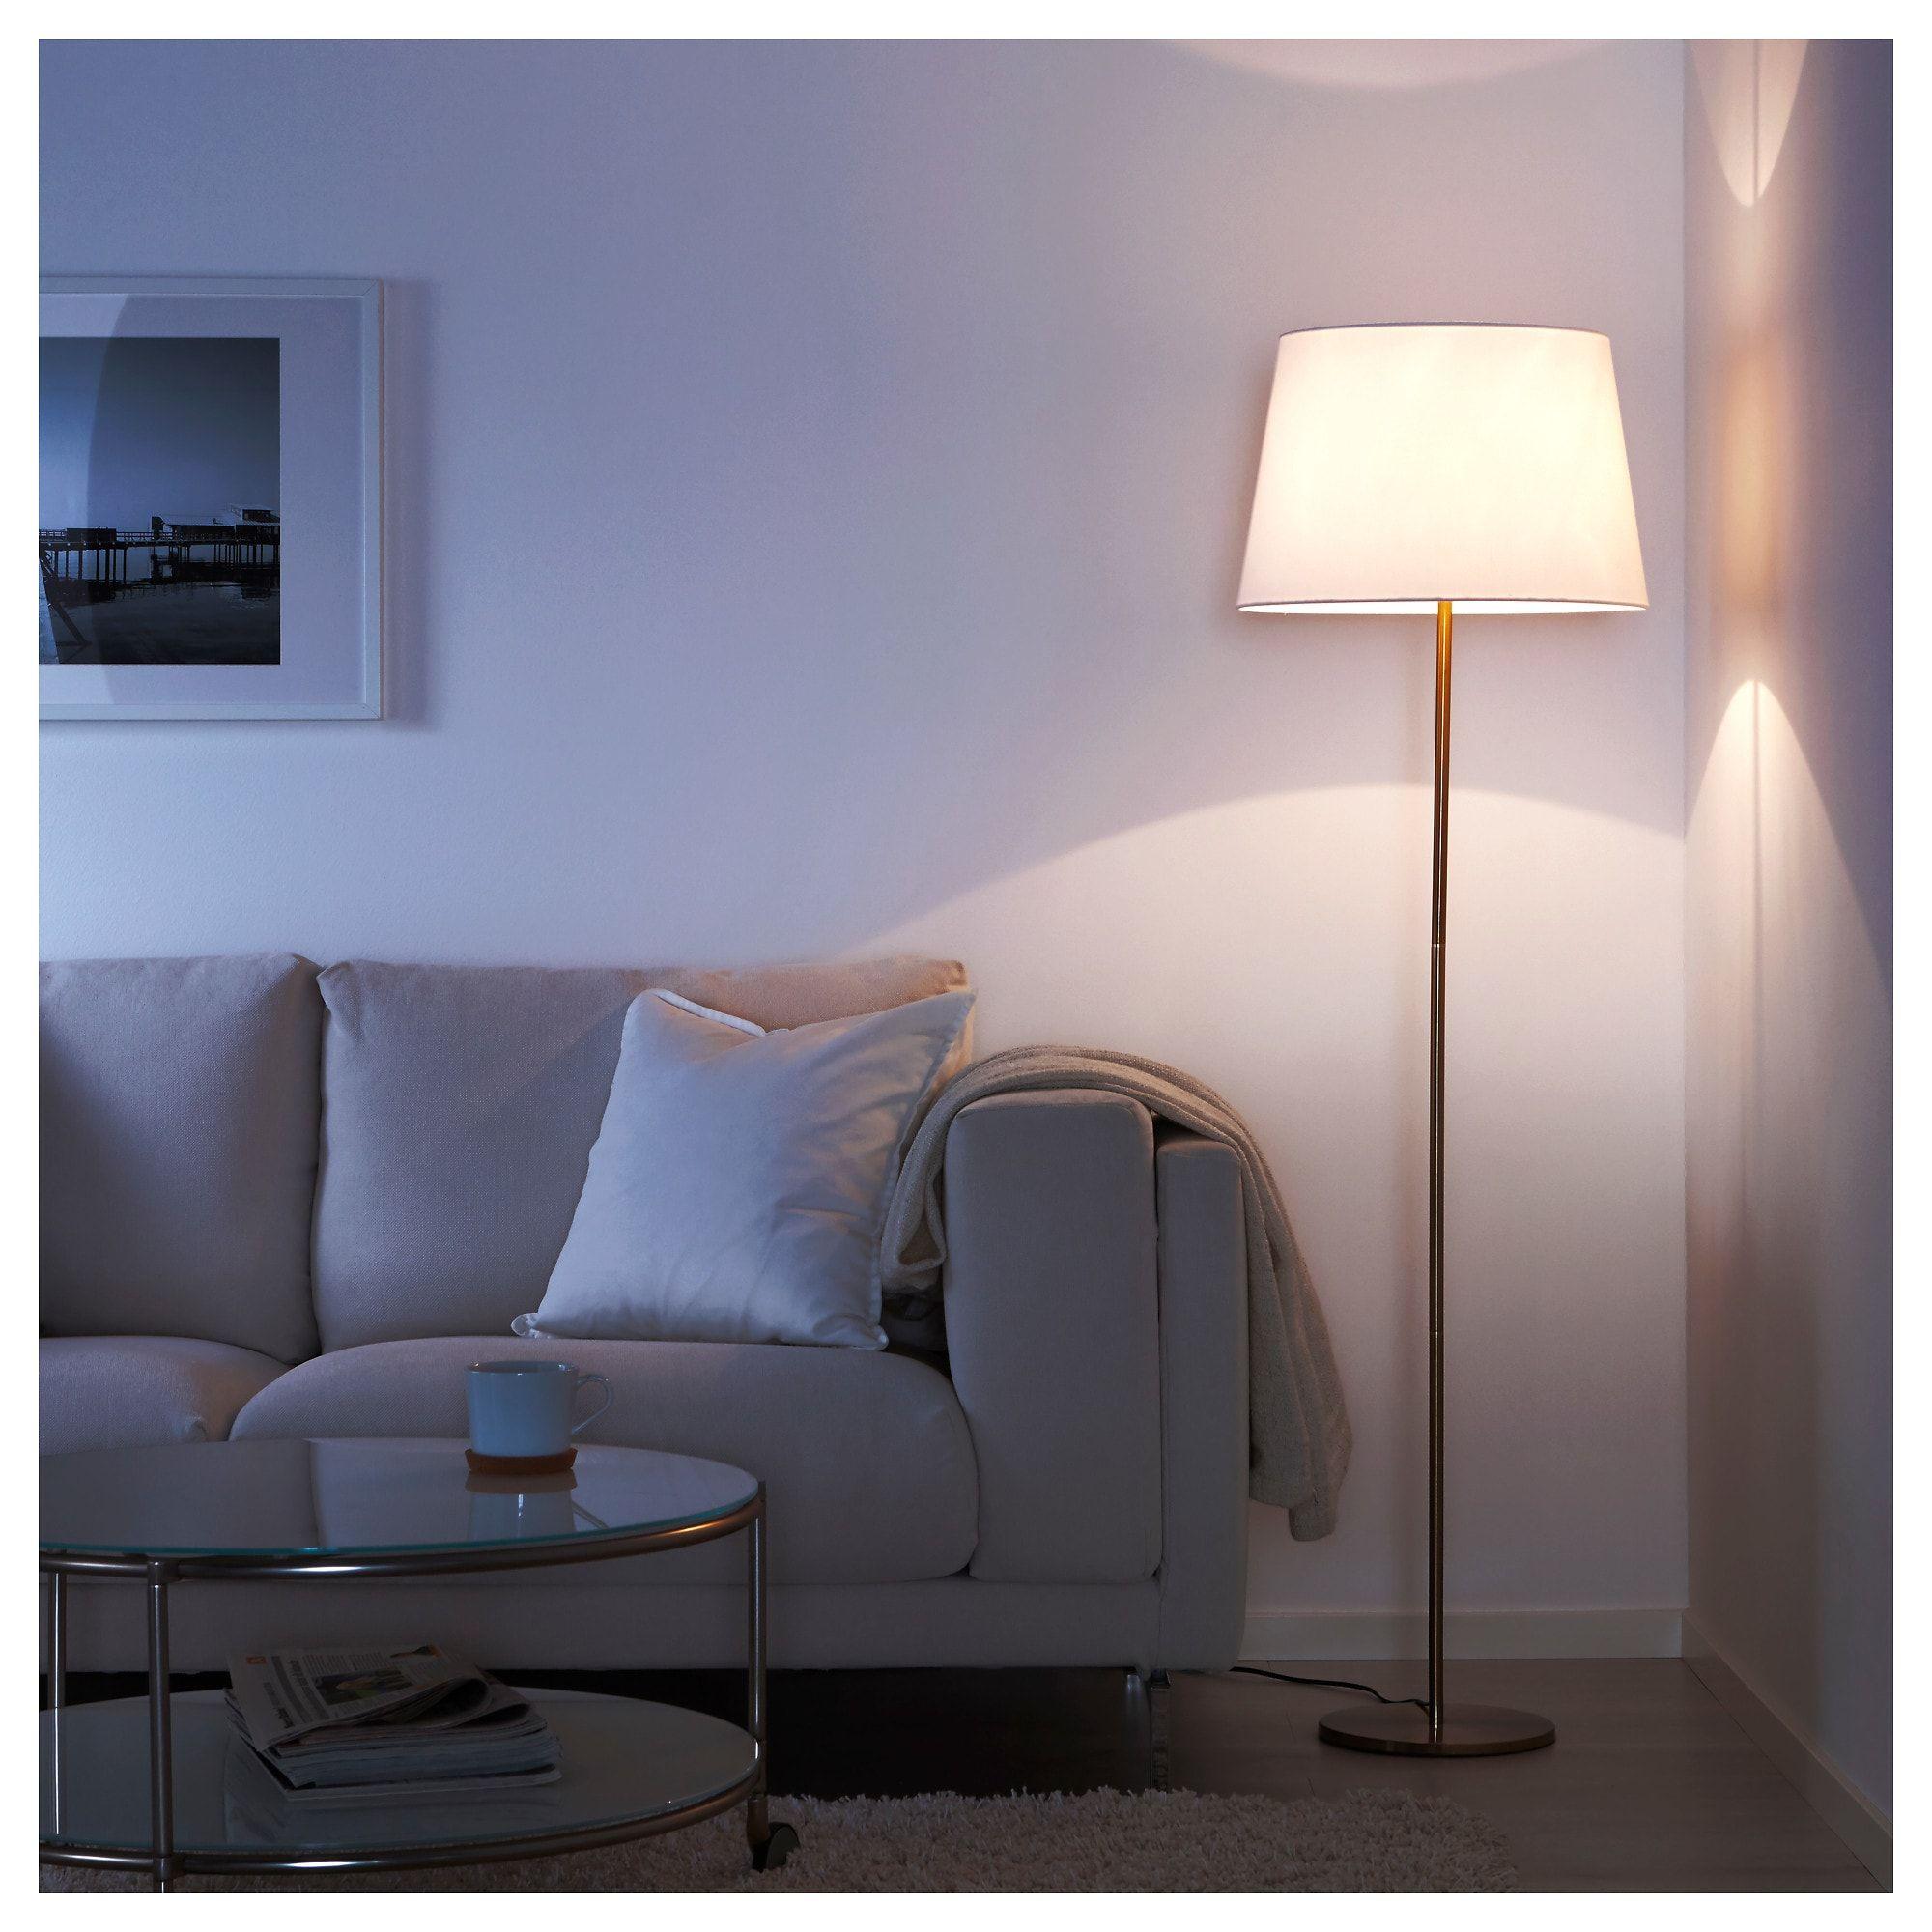 Standleuchtenfuss Rodd Messingfarben Bodenlampe Stehlampe Und